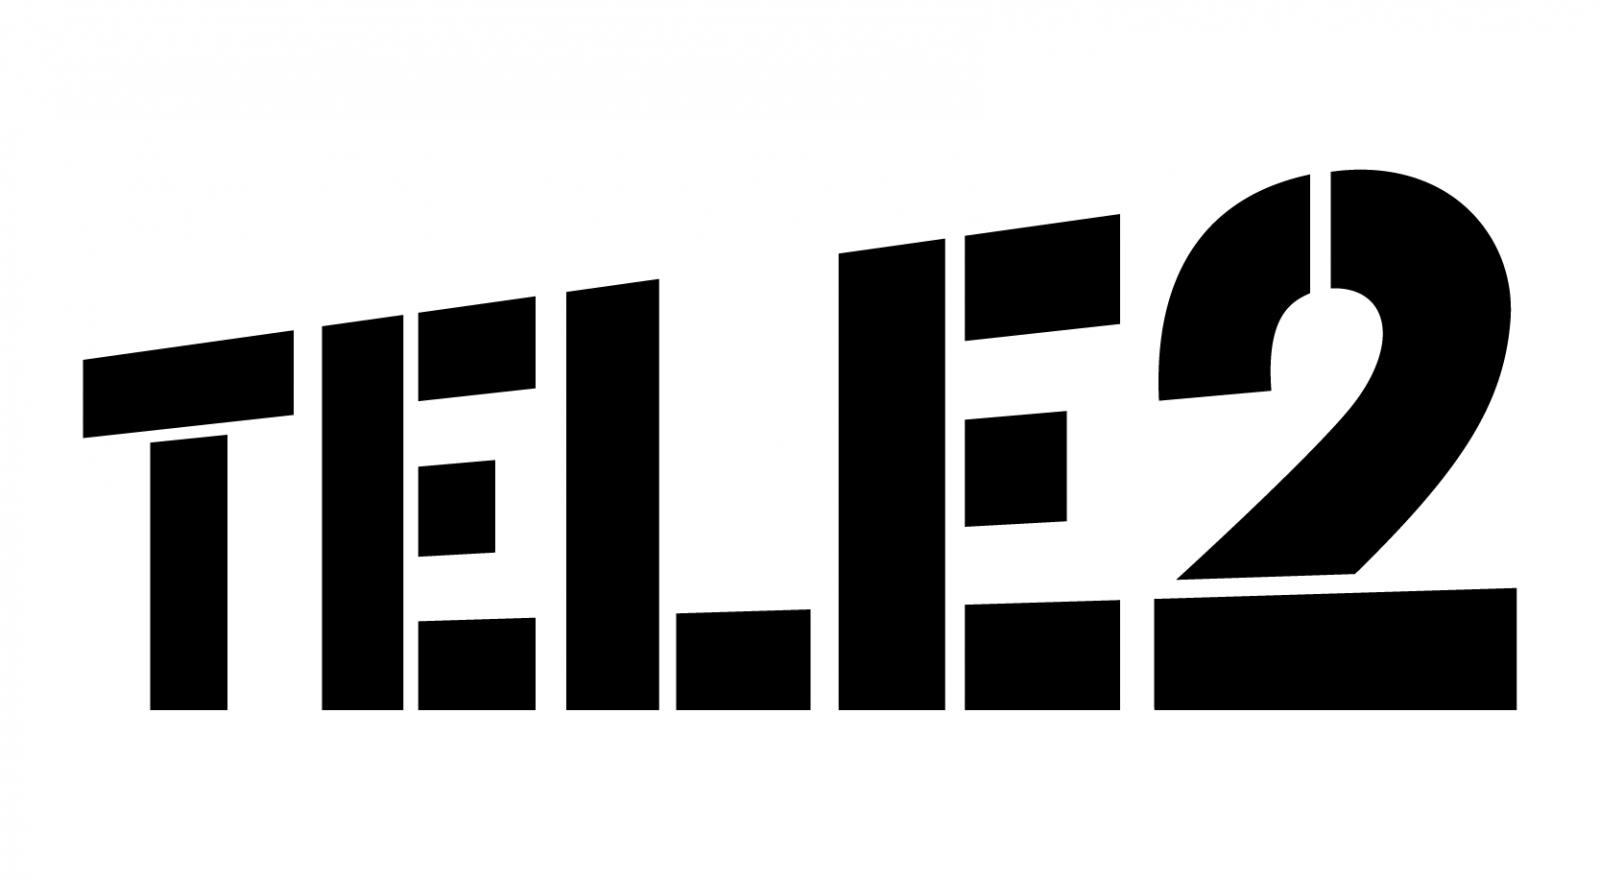 """""""Tele2"""" apgrozījums trešajā ceturksnī palielinājies par 5,7%"""